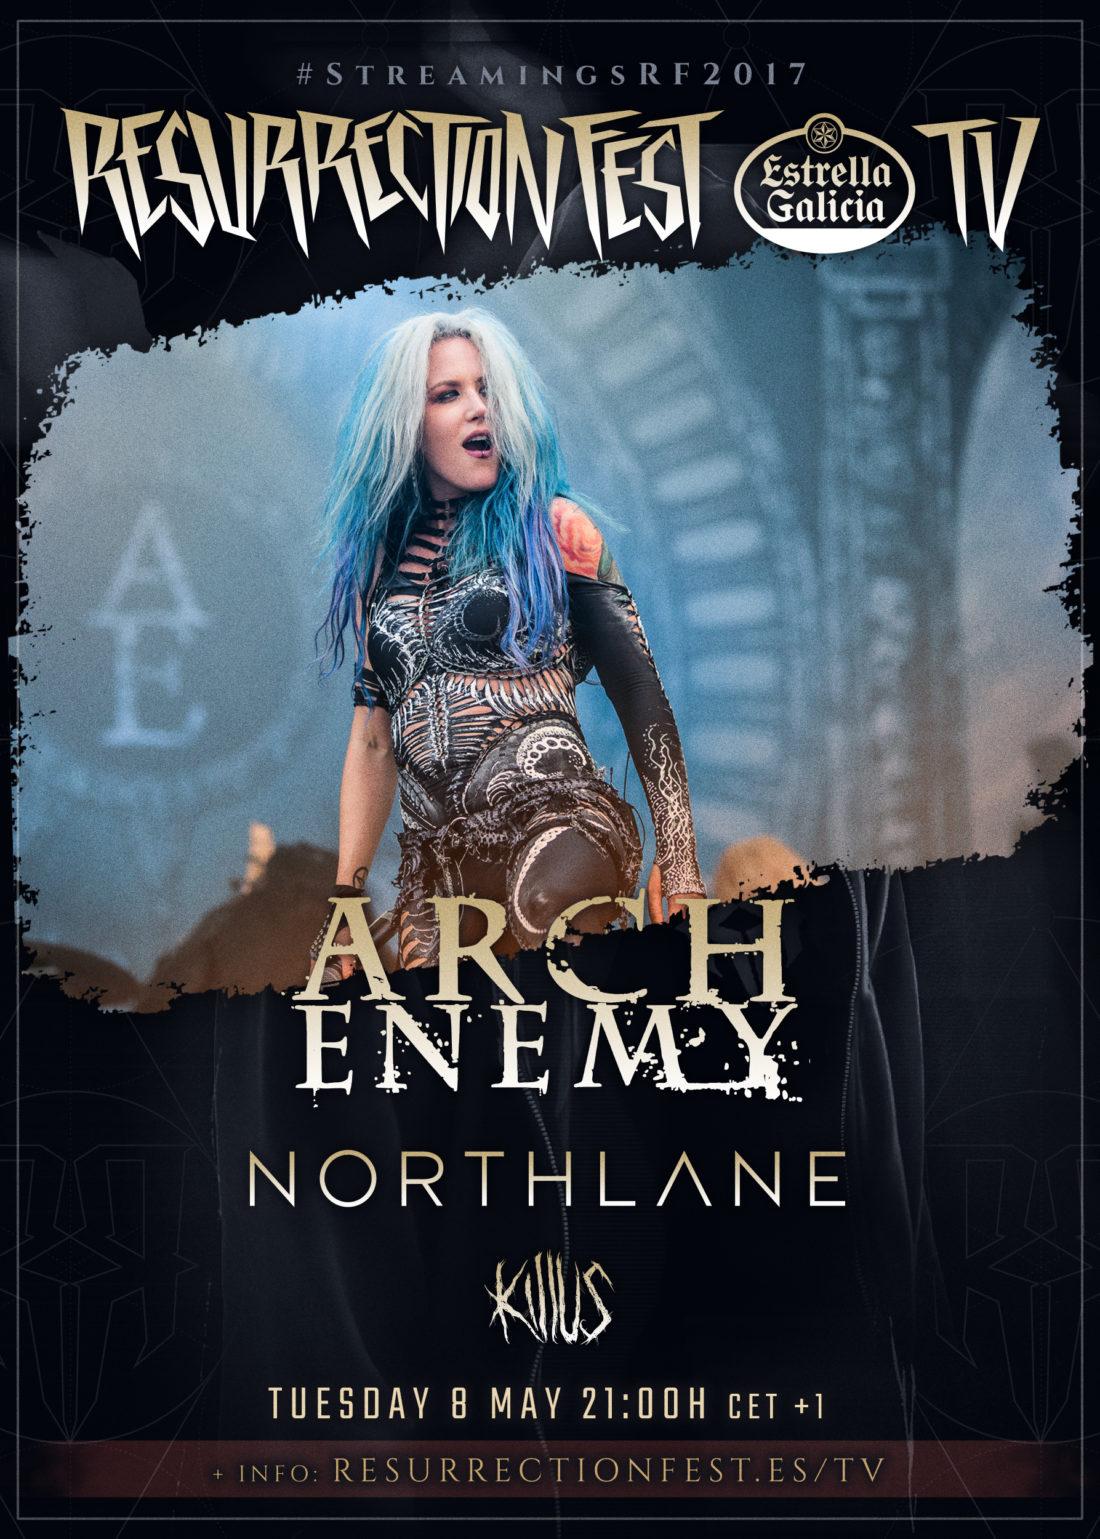 Nuevos conciertos en streaming de 2017: Arch Enemy, Northlane y Killus